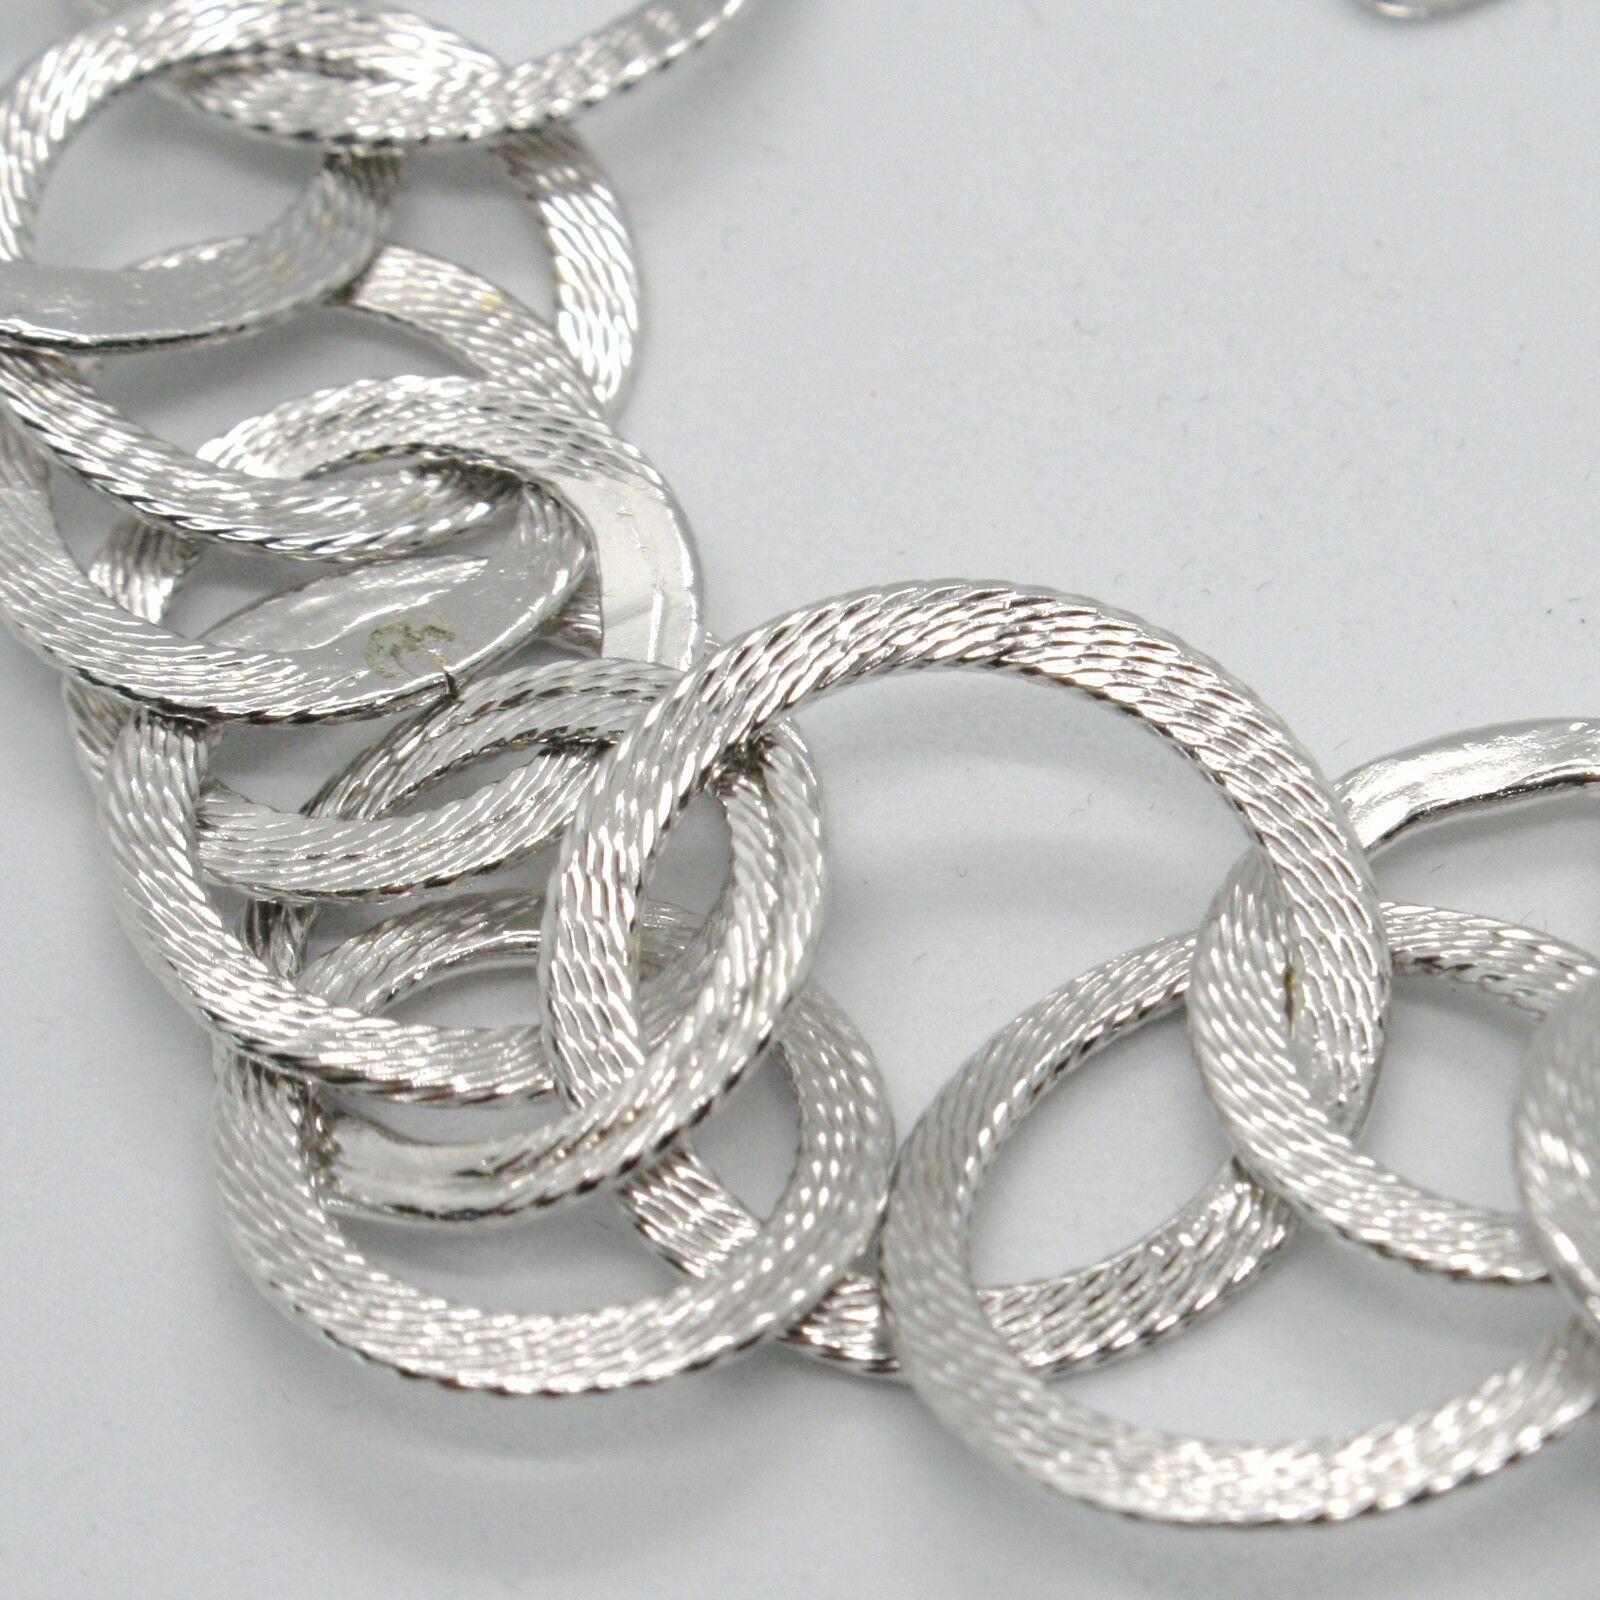 Silber Armband 925 mit Kreise Mattiert By Maria Ielpo , Made in Italien image 2